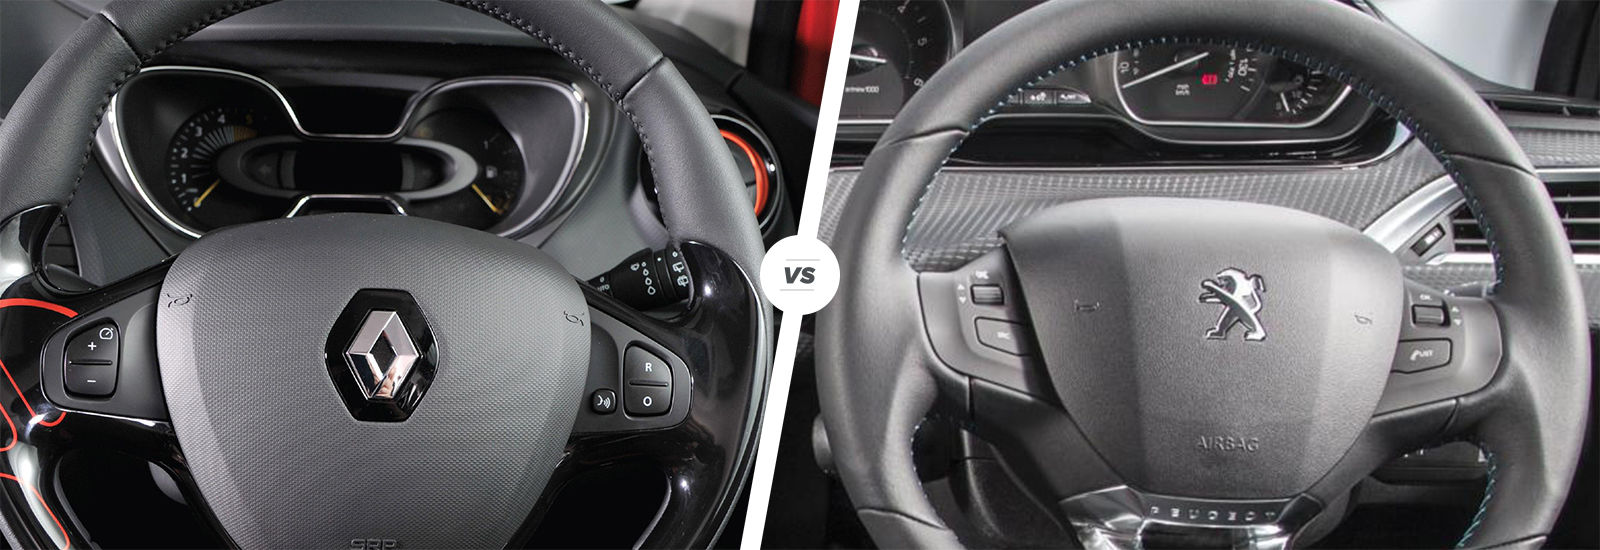 renault captur vs peugeot 2008 comparison | carwow